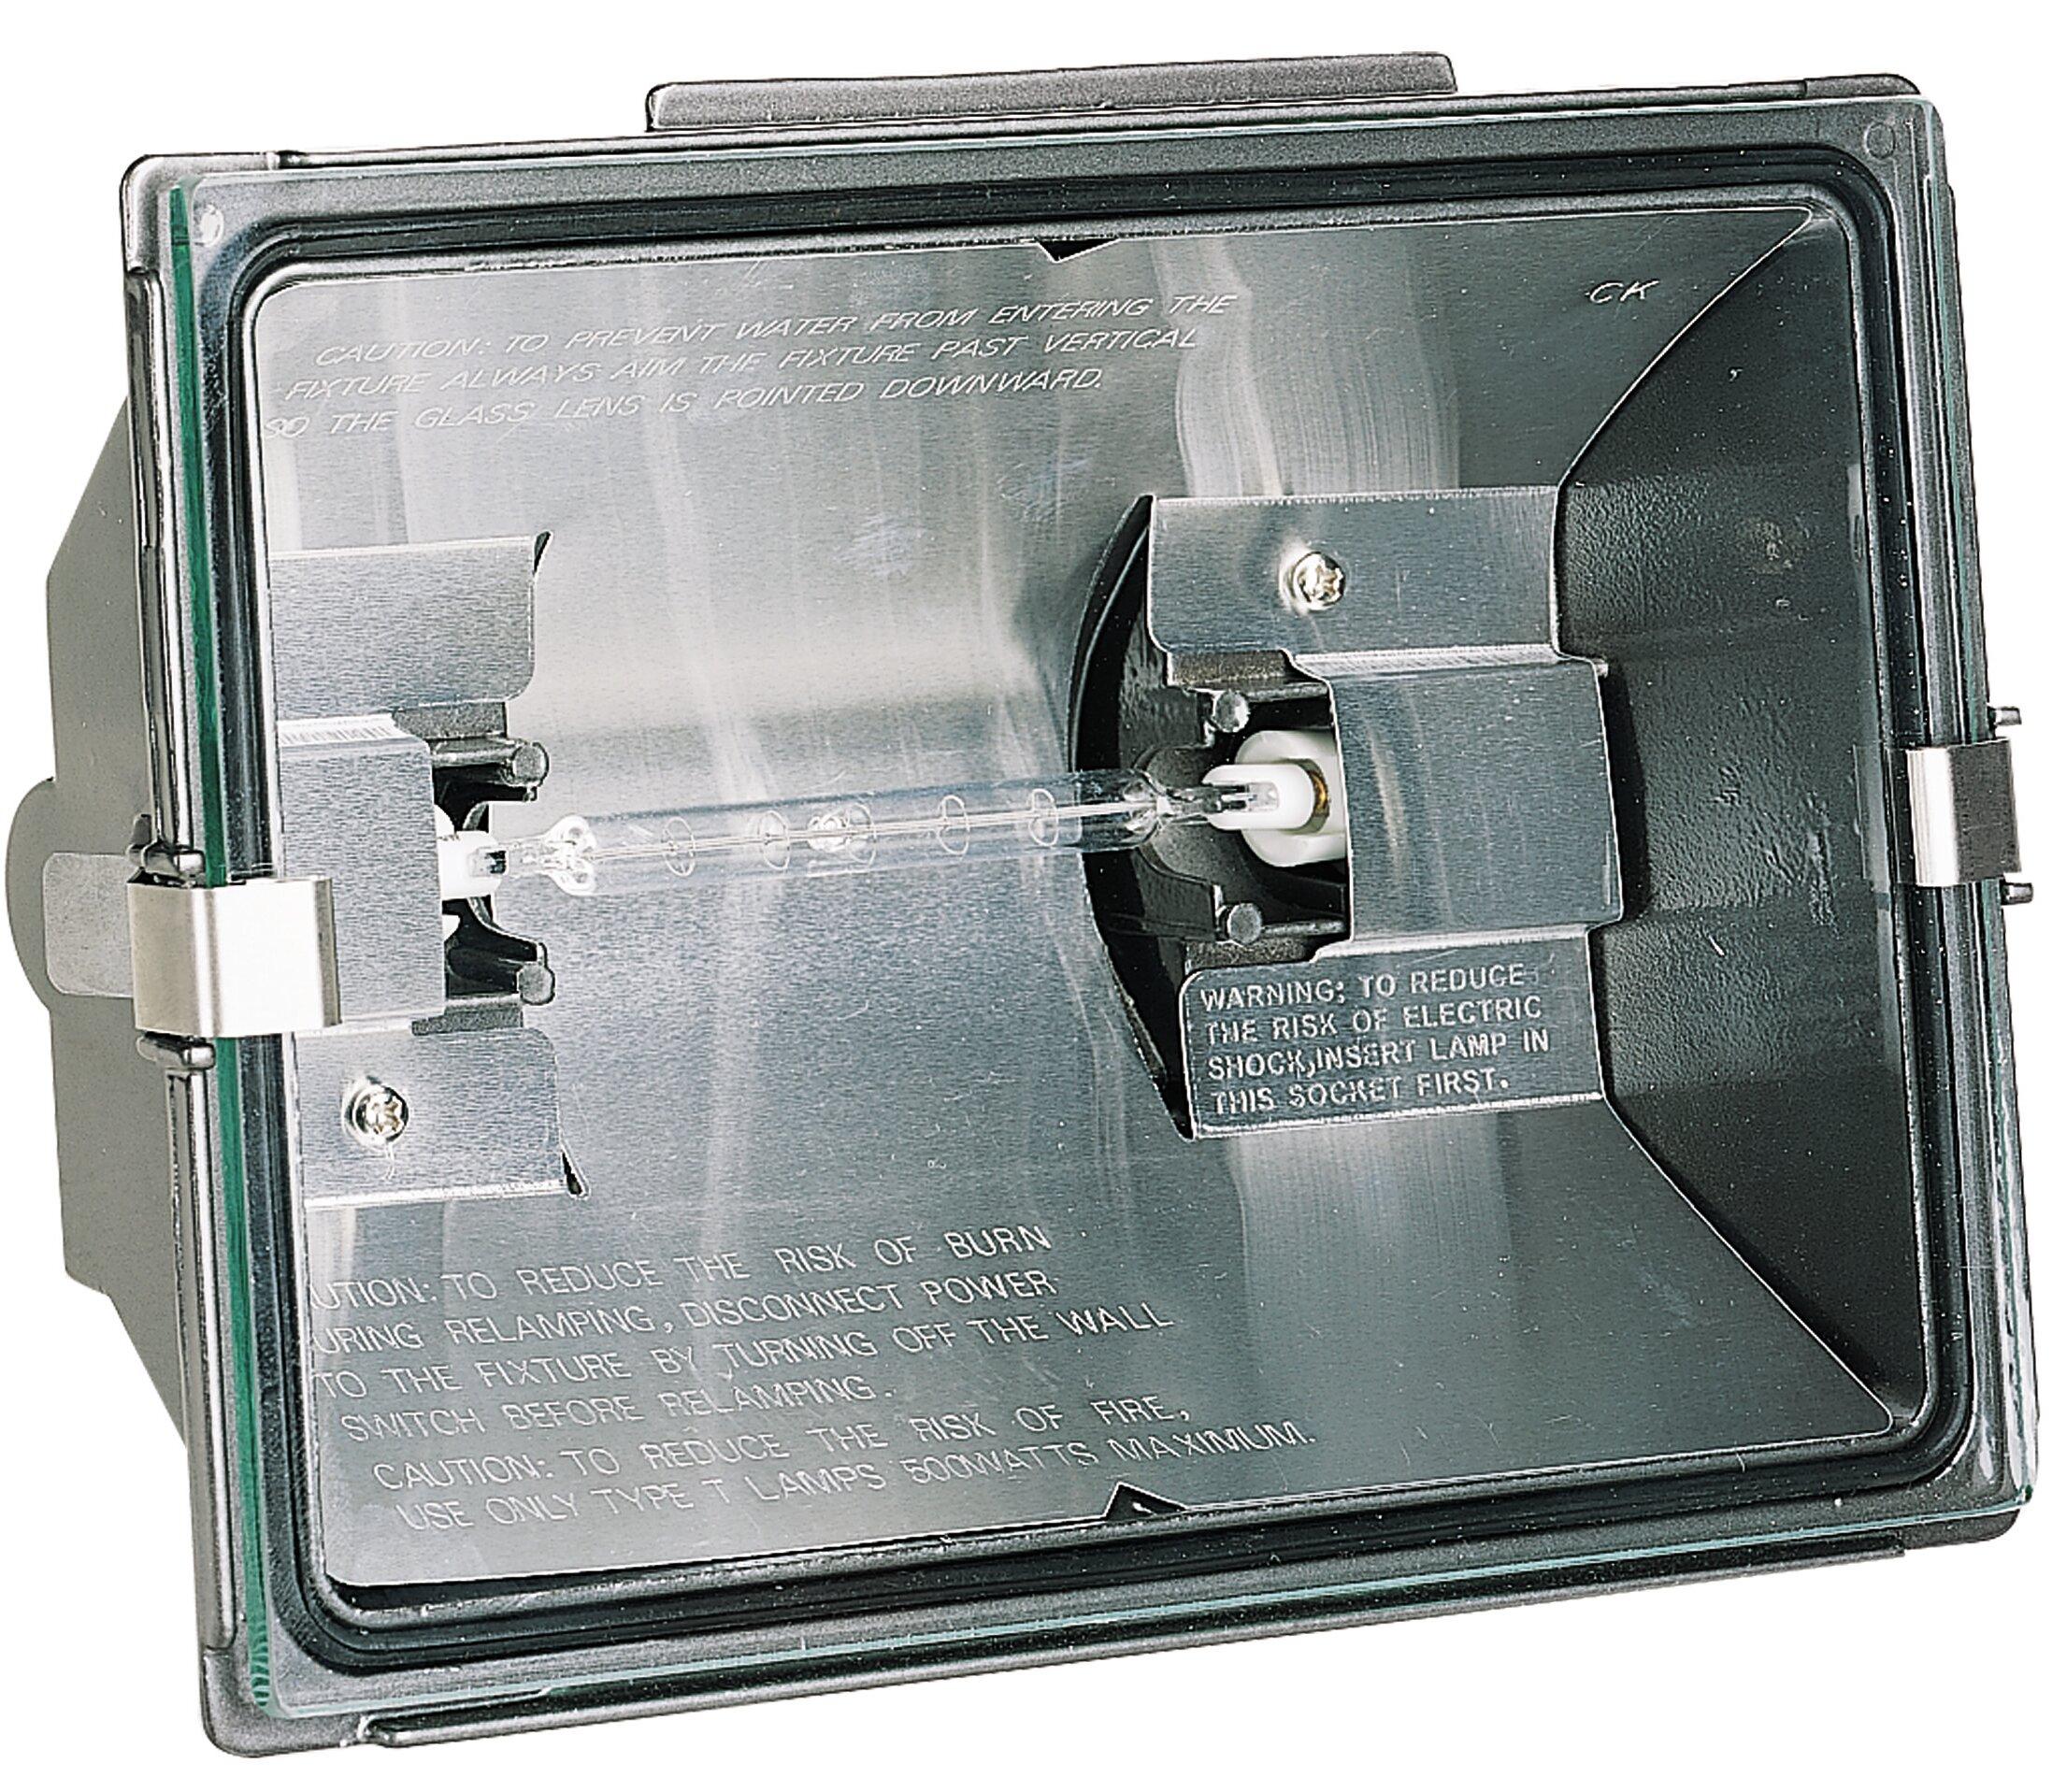 500 Watt Halogen Outdoor Security Flood Light